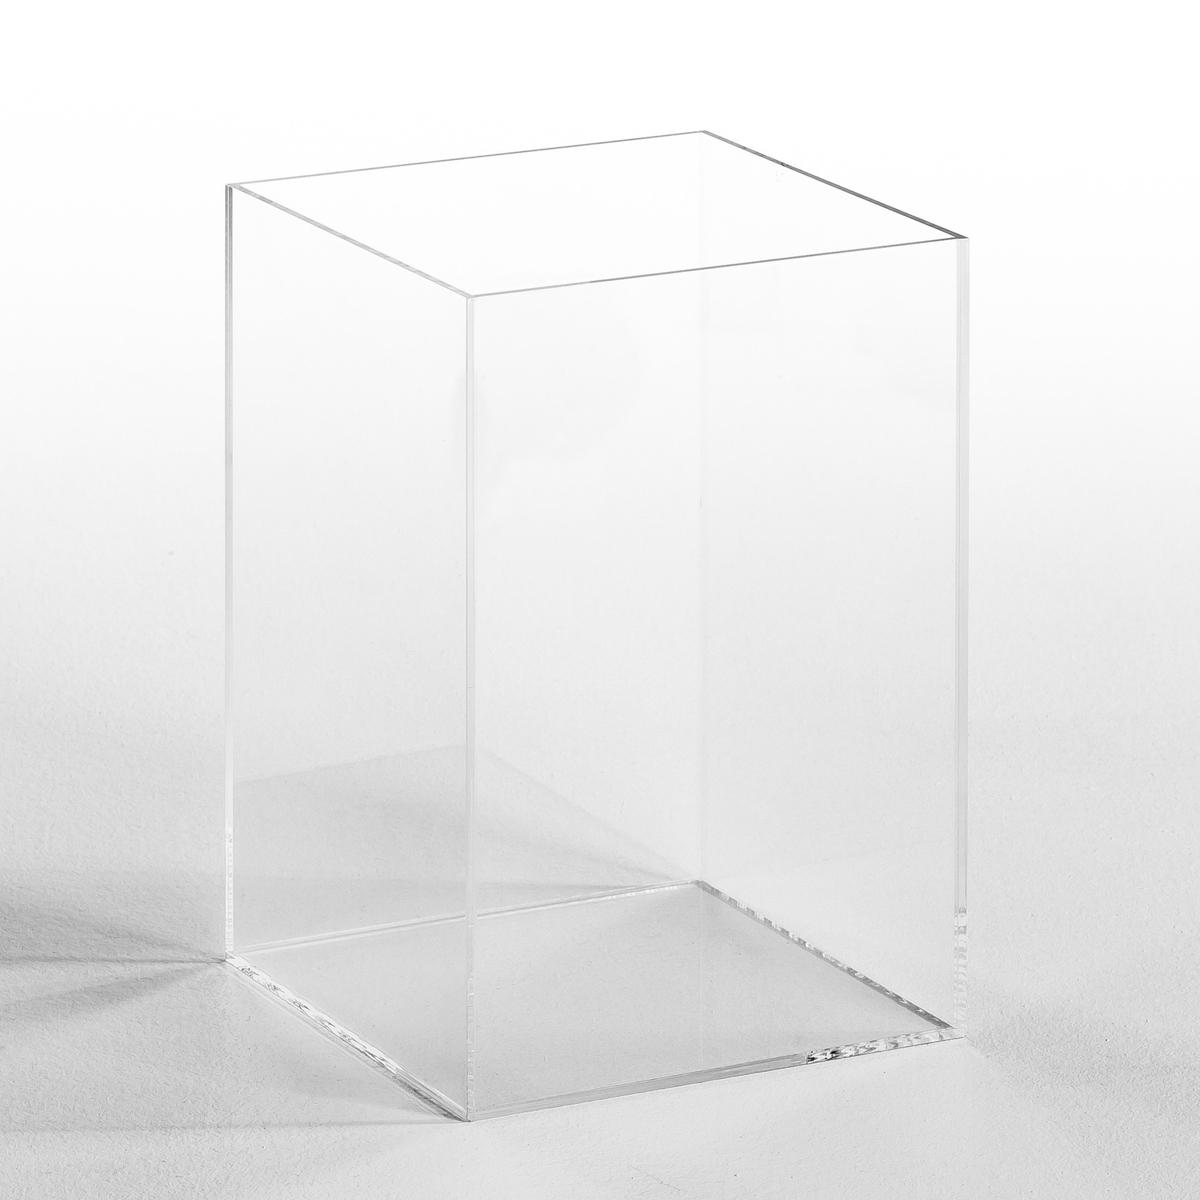 Купол Flossy большая модельОригинальный способ хранения вещей. ХАРАКТЕРИСТИКИ :- Из органического стекла, шириной 4 мм- Размеры : Шир..20 см x Г. ок.20 см x высота ок.30 см.<br><br>Цвет: прозрачный<br>Размер: единый размер